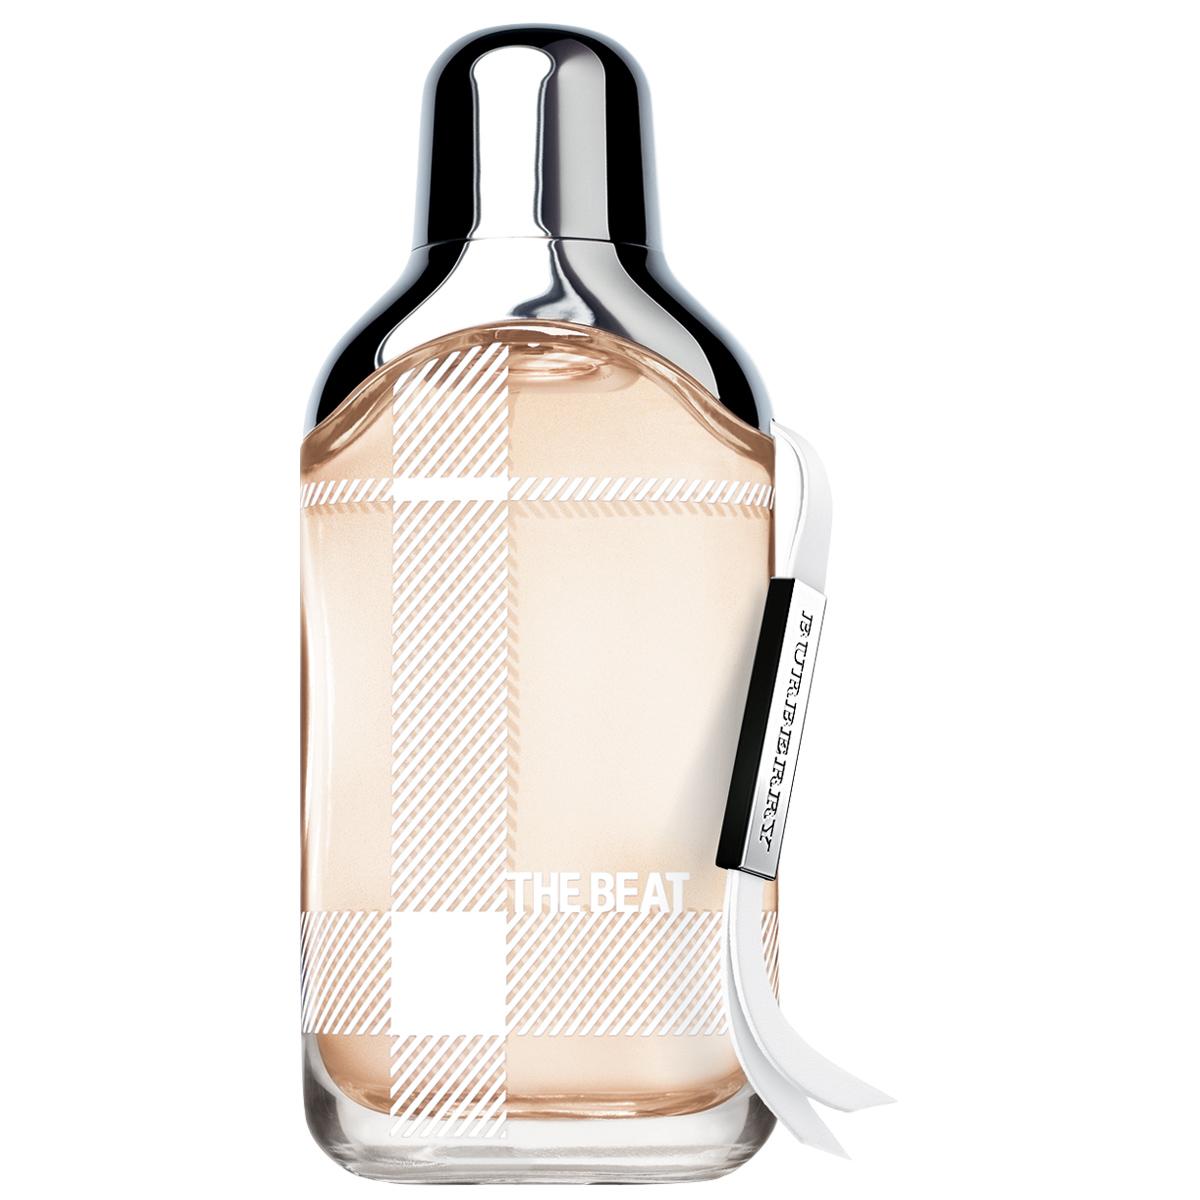 Eau de Parfum The Beat pour Femme - BURBERRY